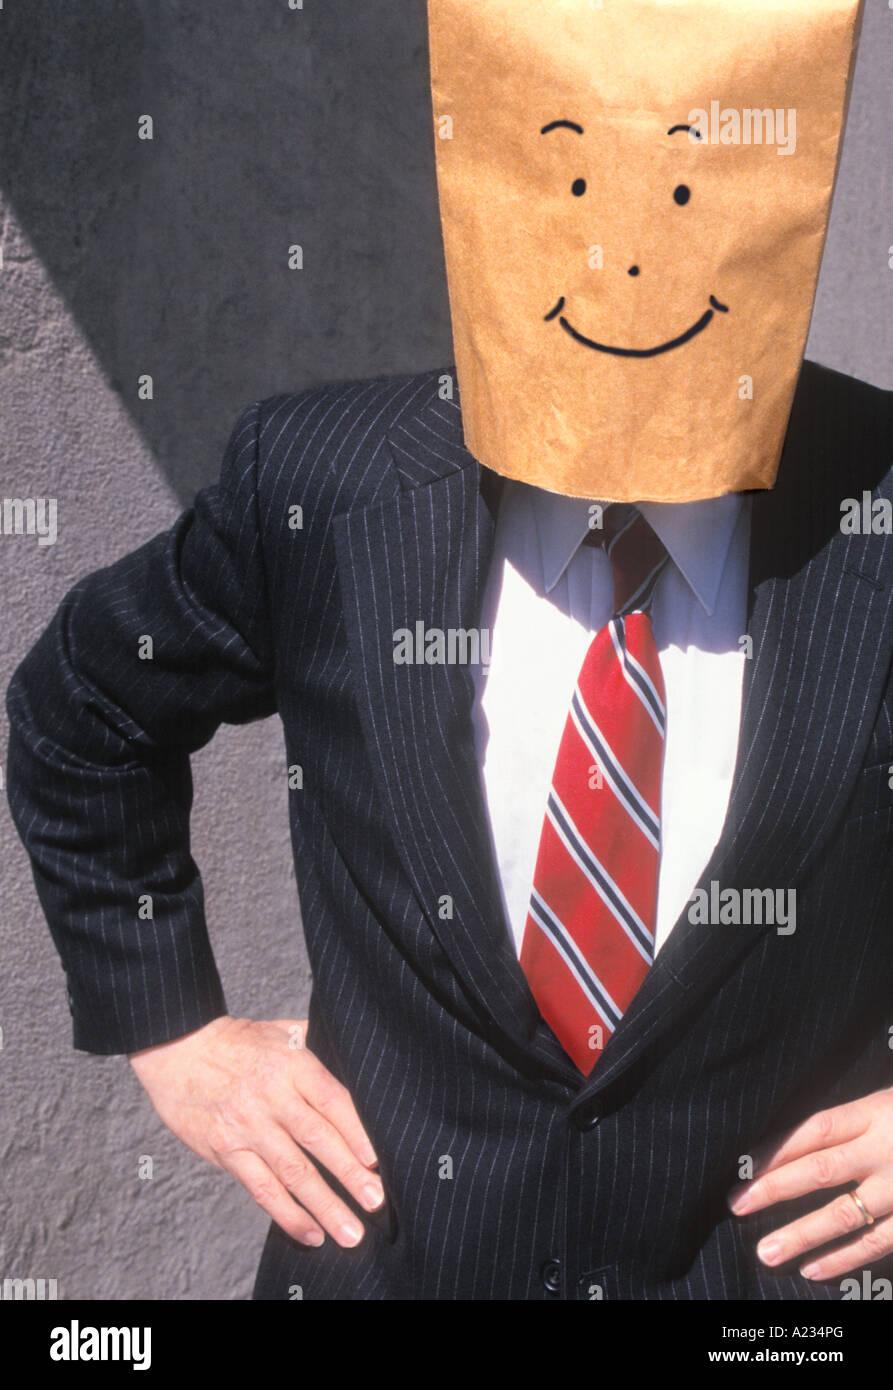 Empresario con bolsa de papel marrón sobre su cabeza sonriente Imagen De Stock